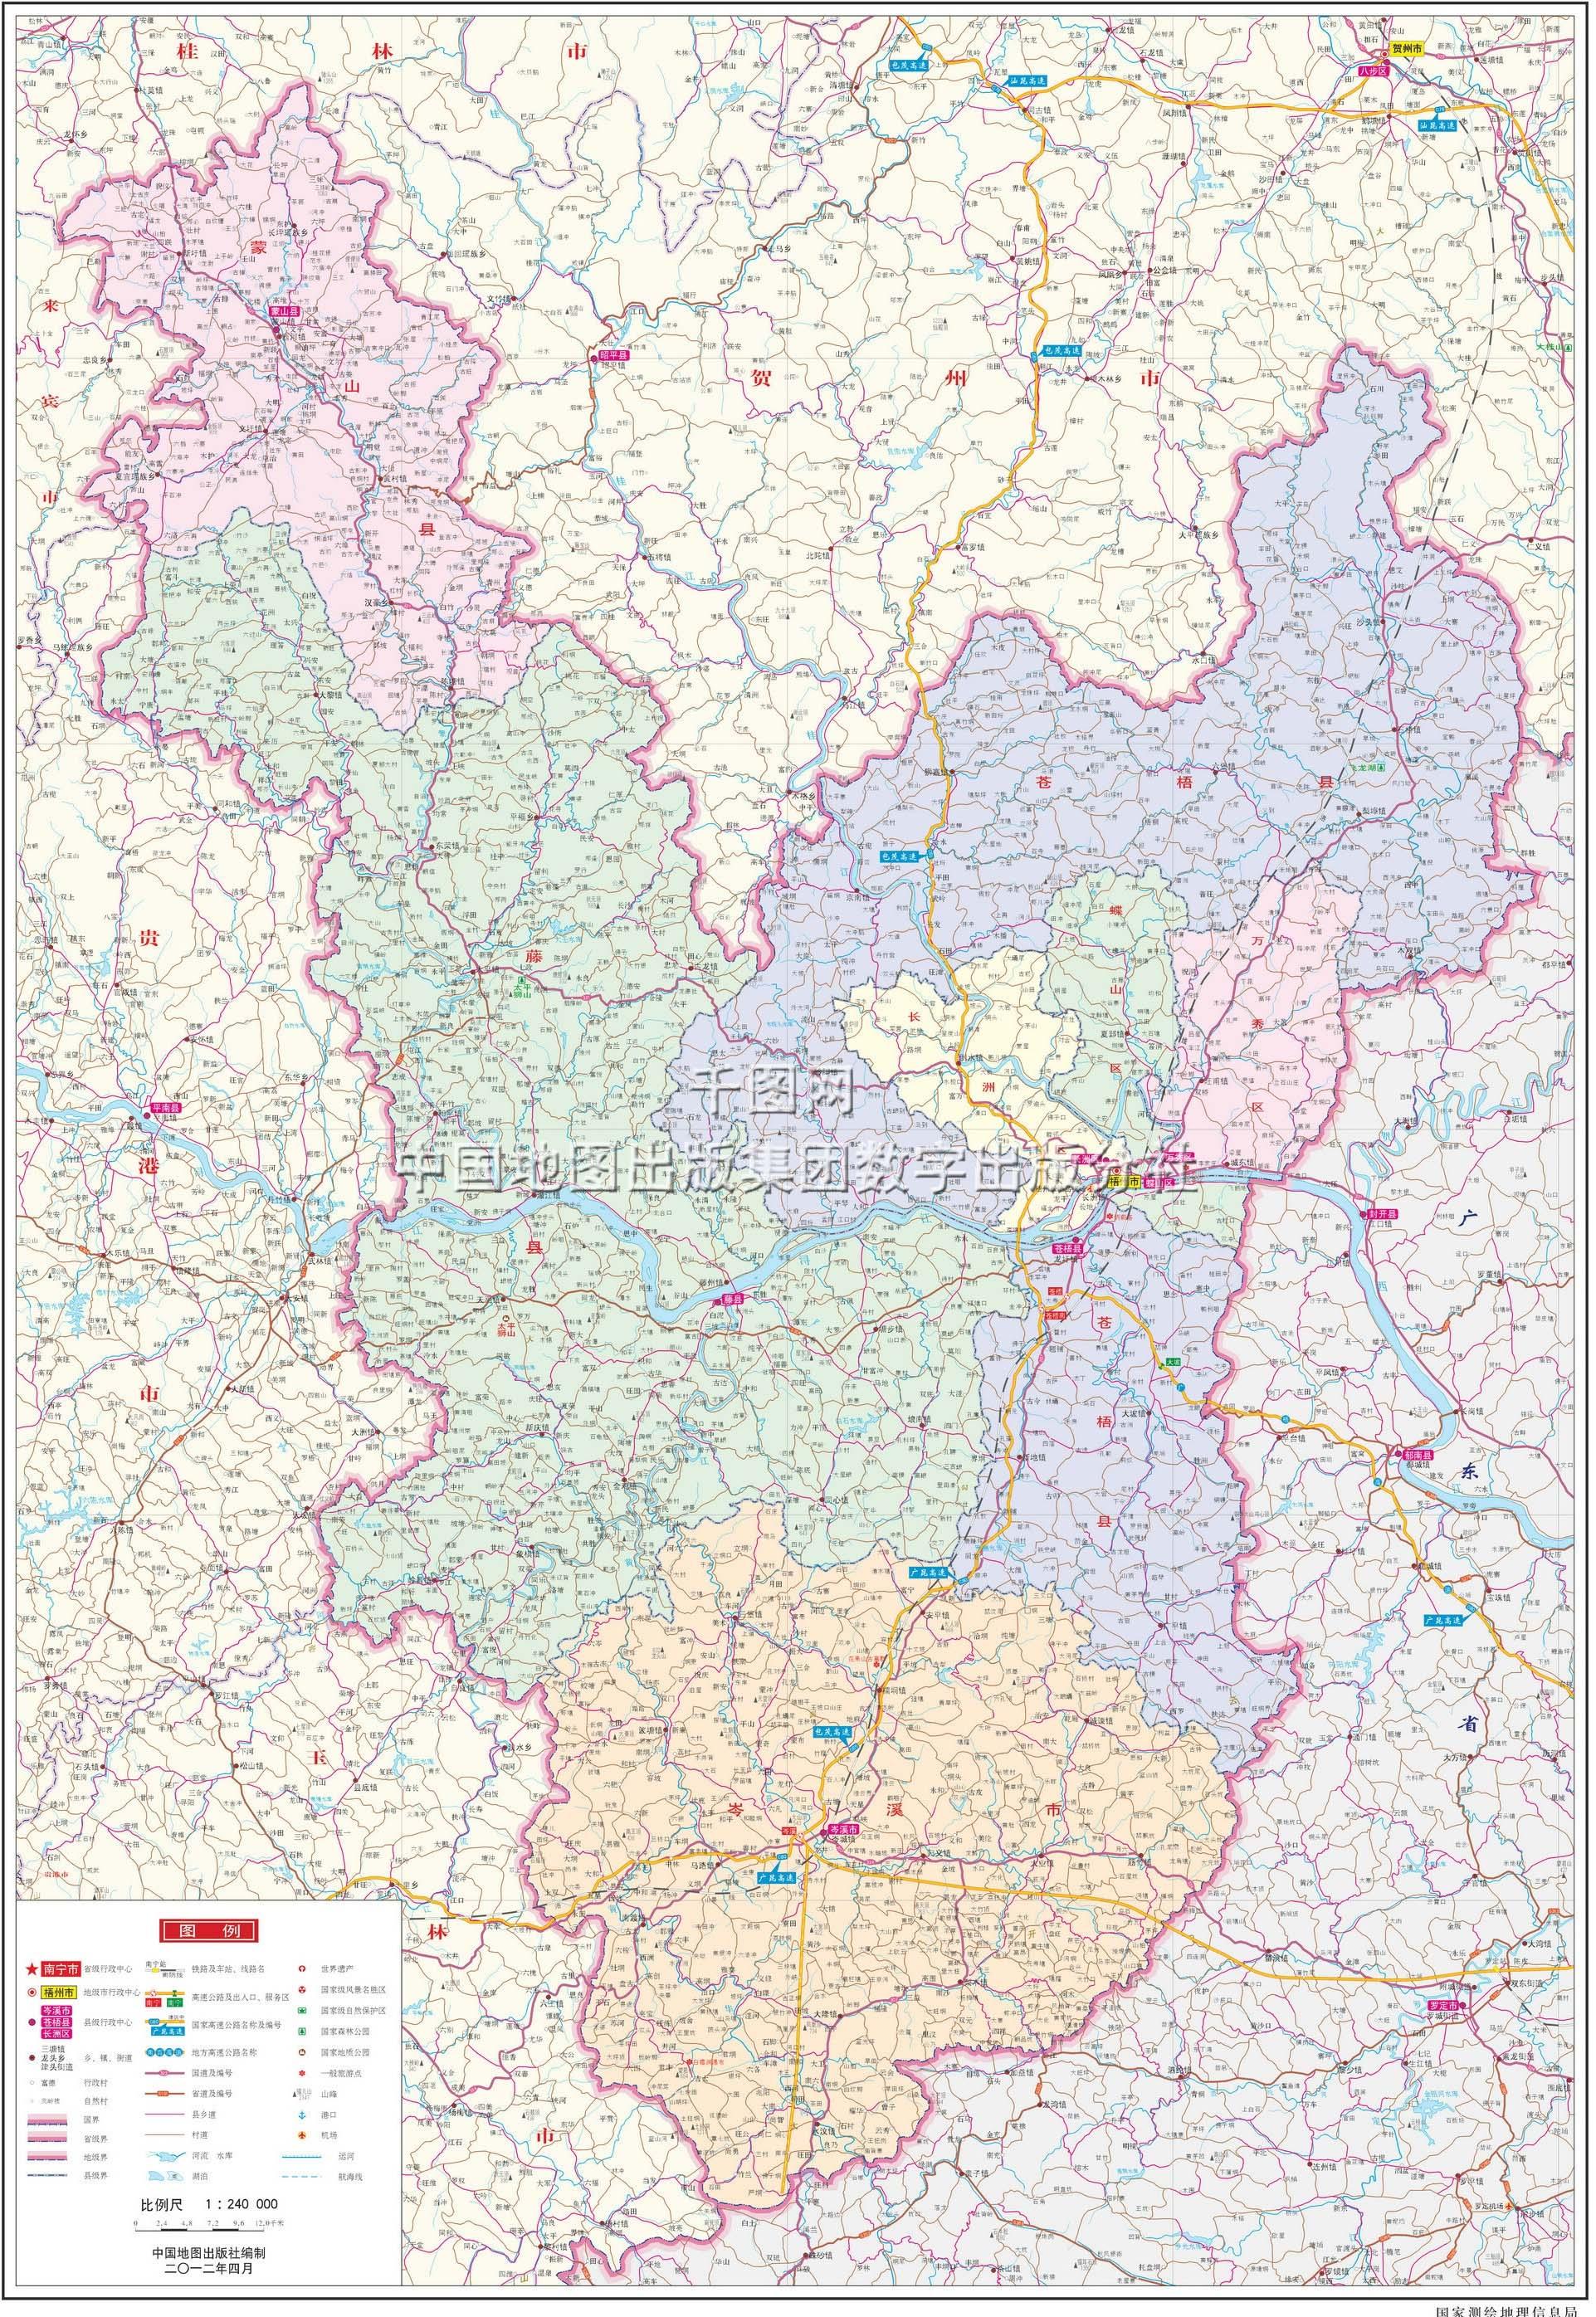 梧州市区地图高清版